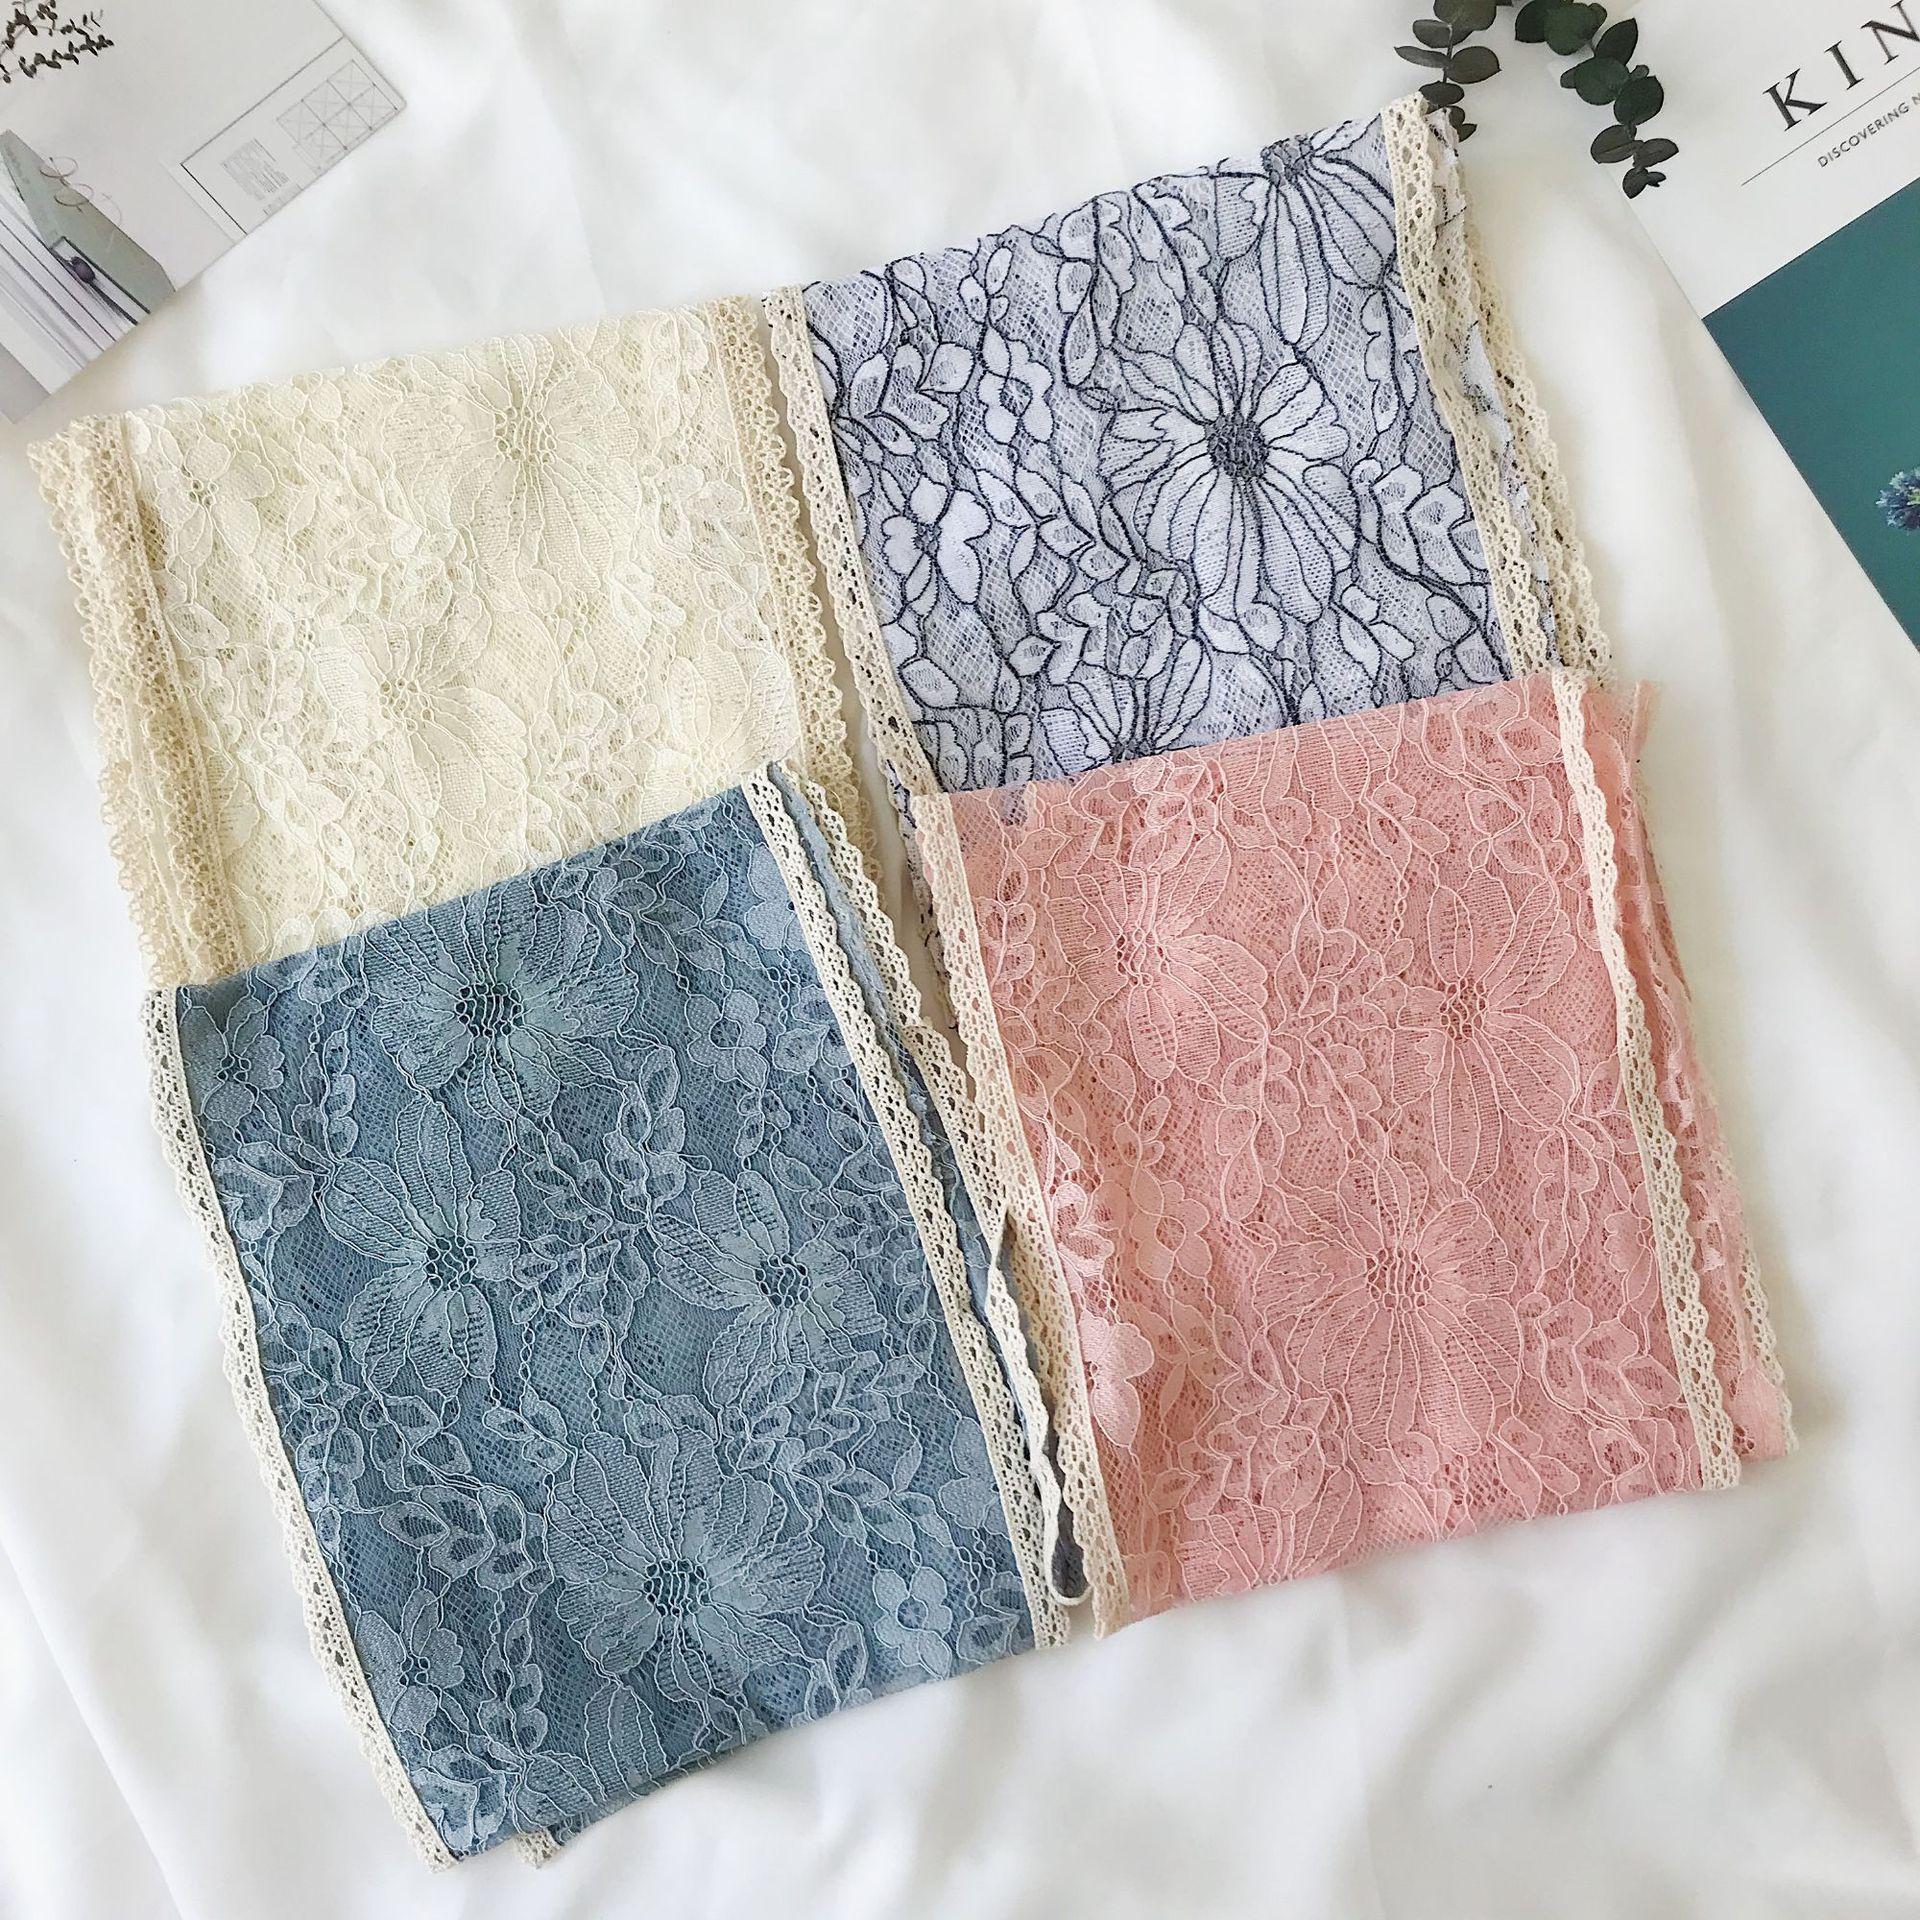 韩国花边镂空蕾丝薄款百变小围巾